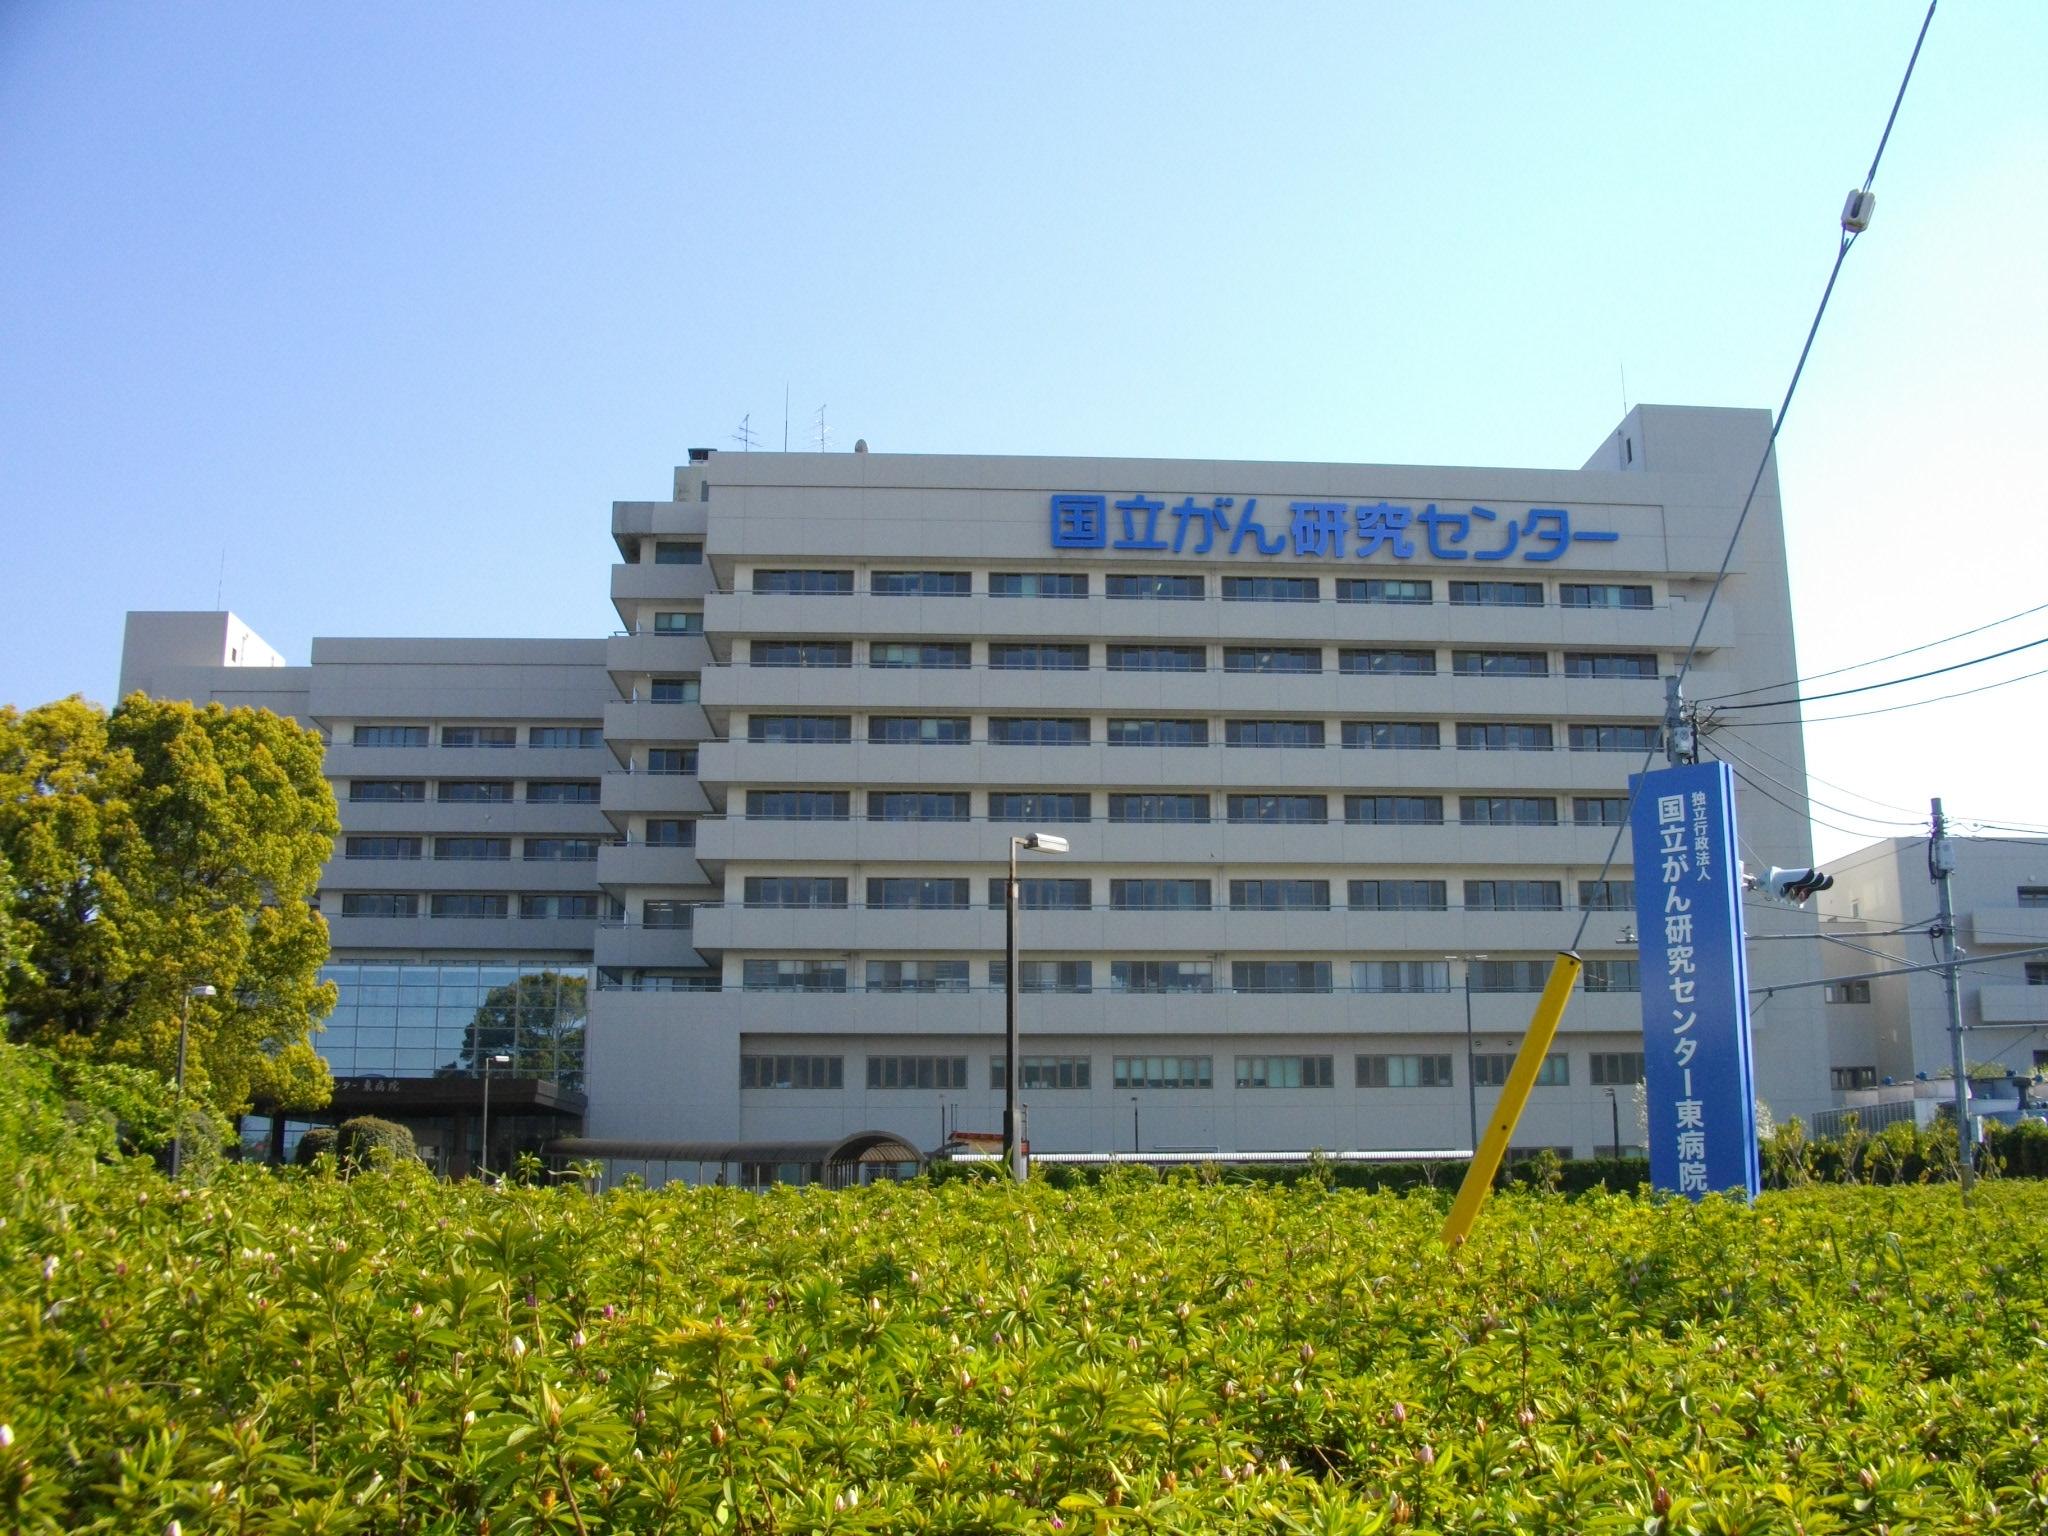 が 東 センター ん 国立 病院 研究